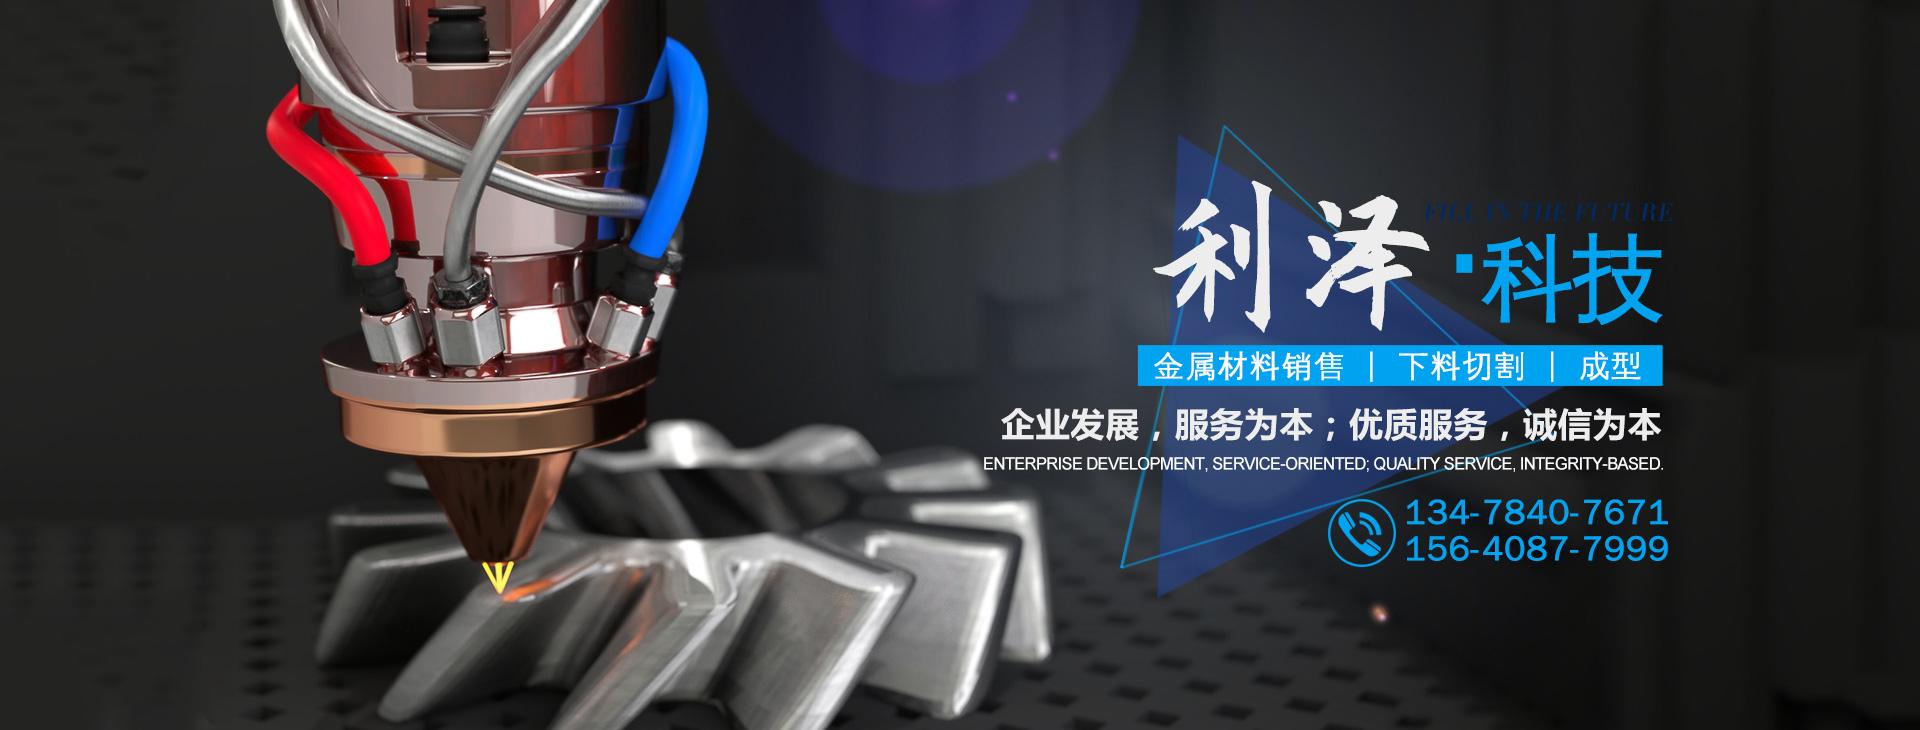 亿博国际游戏平台激光切割